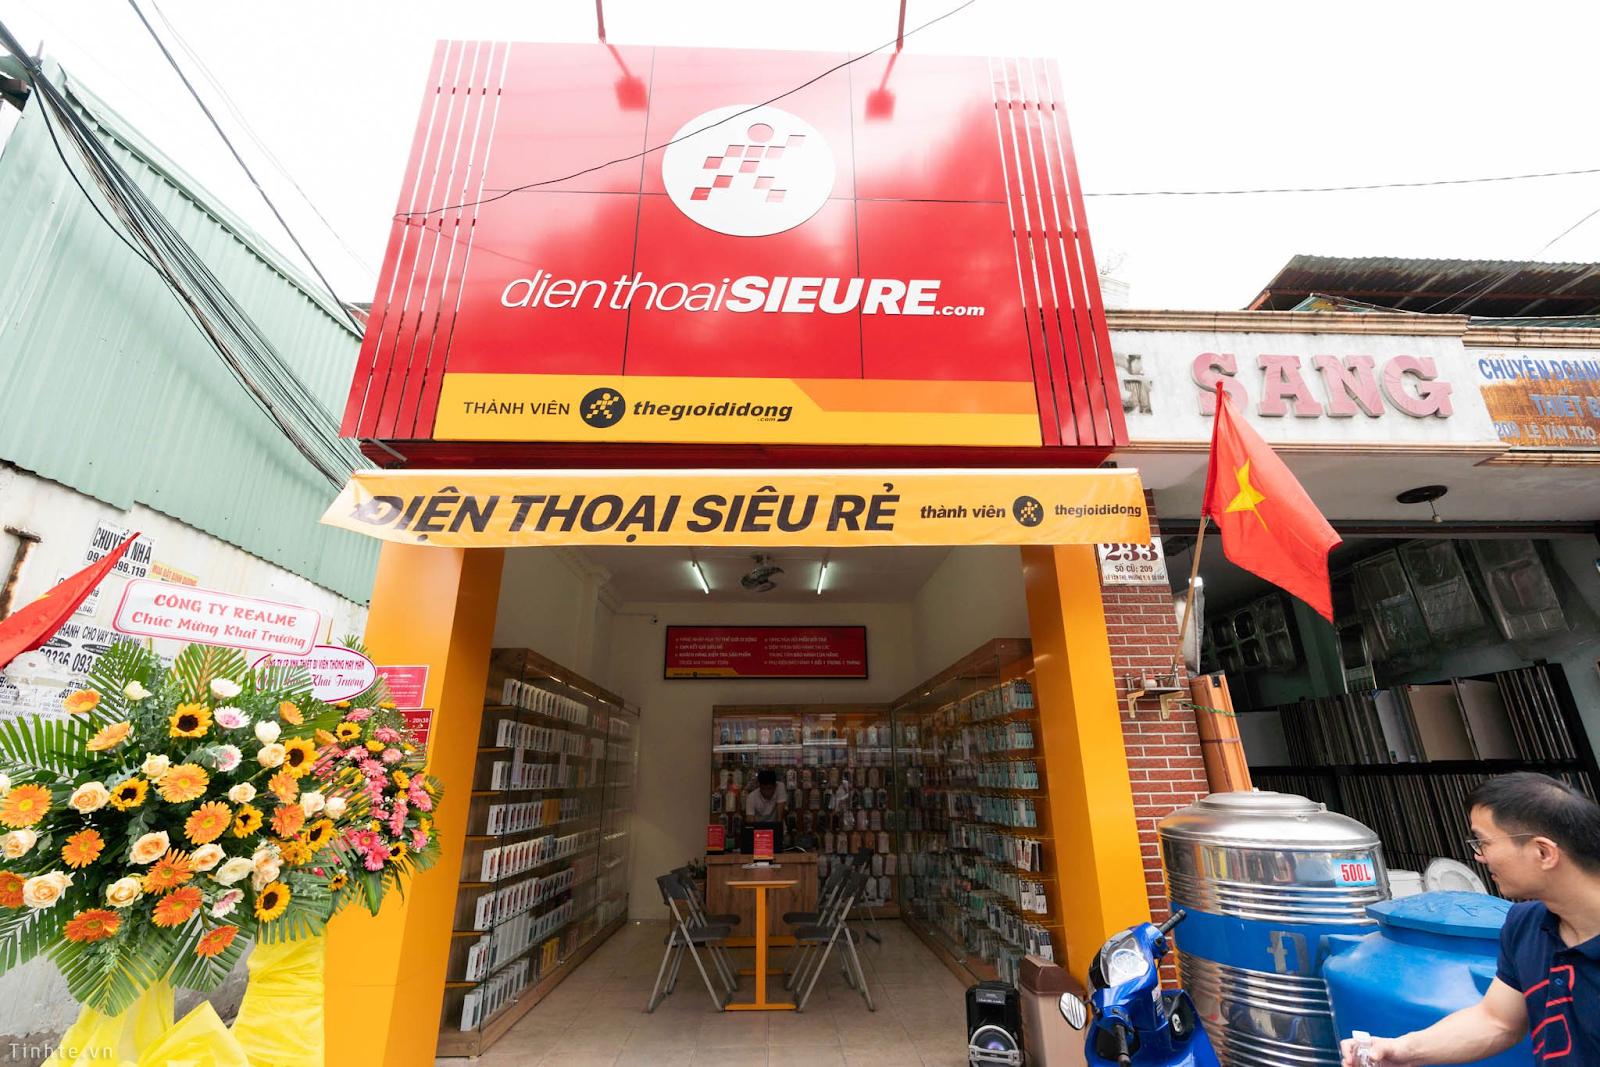 Được lòng khách hàng nhờ bán hàng chính hãng giá rẻ, Điện Thoại Siêu Rẻ sắp mở thêm 15 cửa hàng